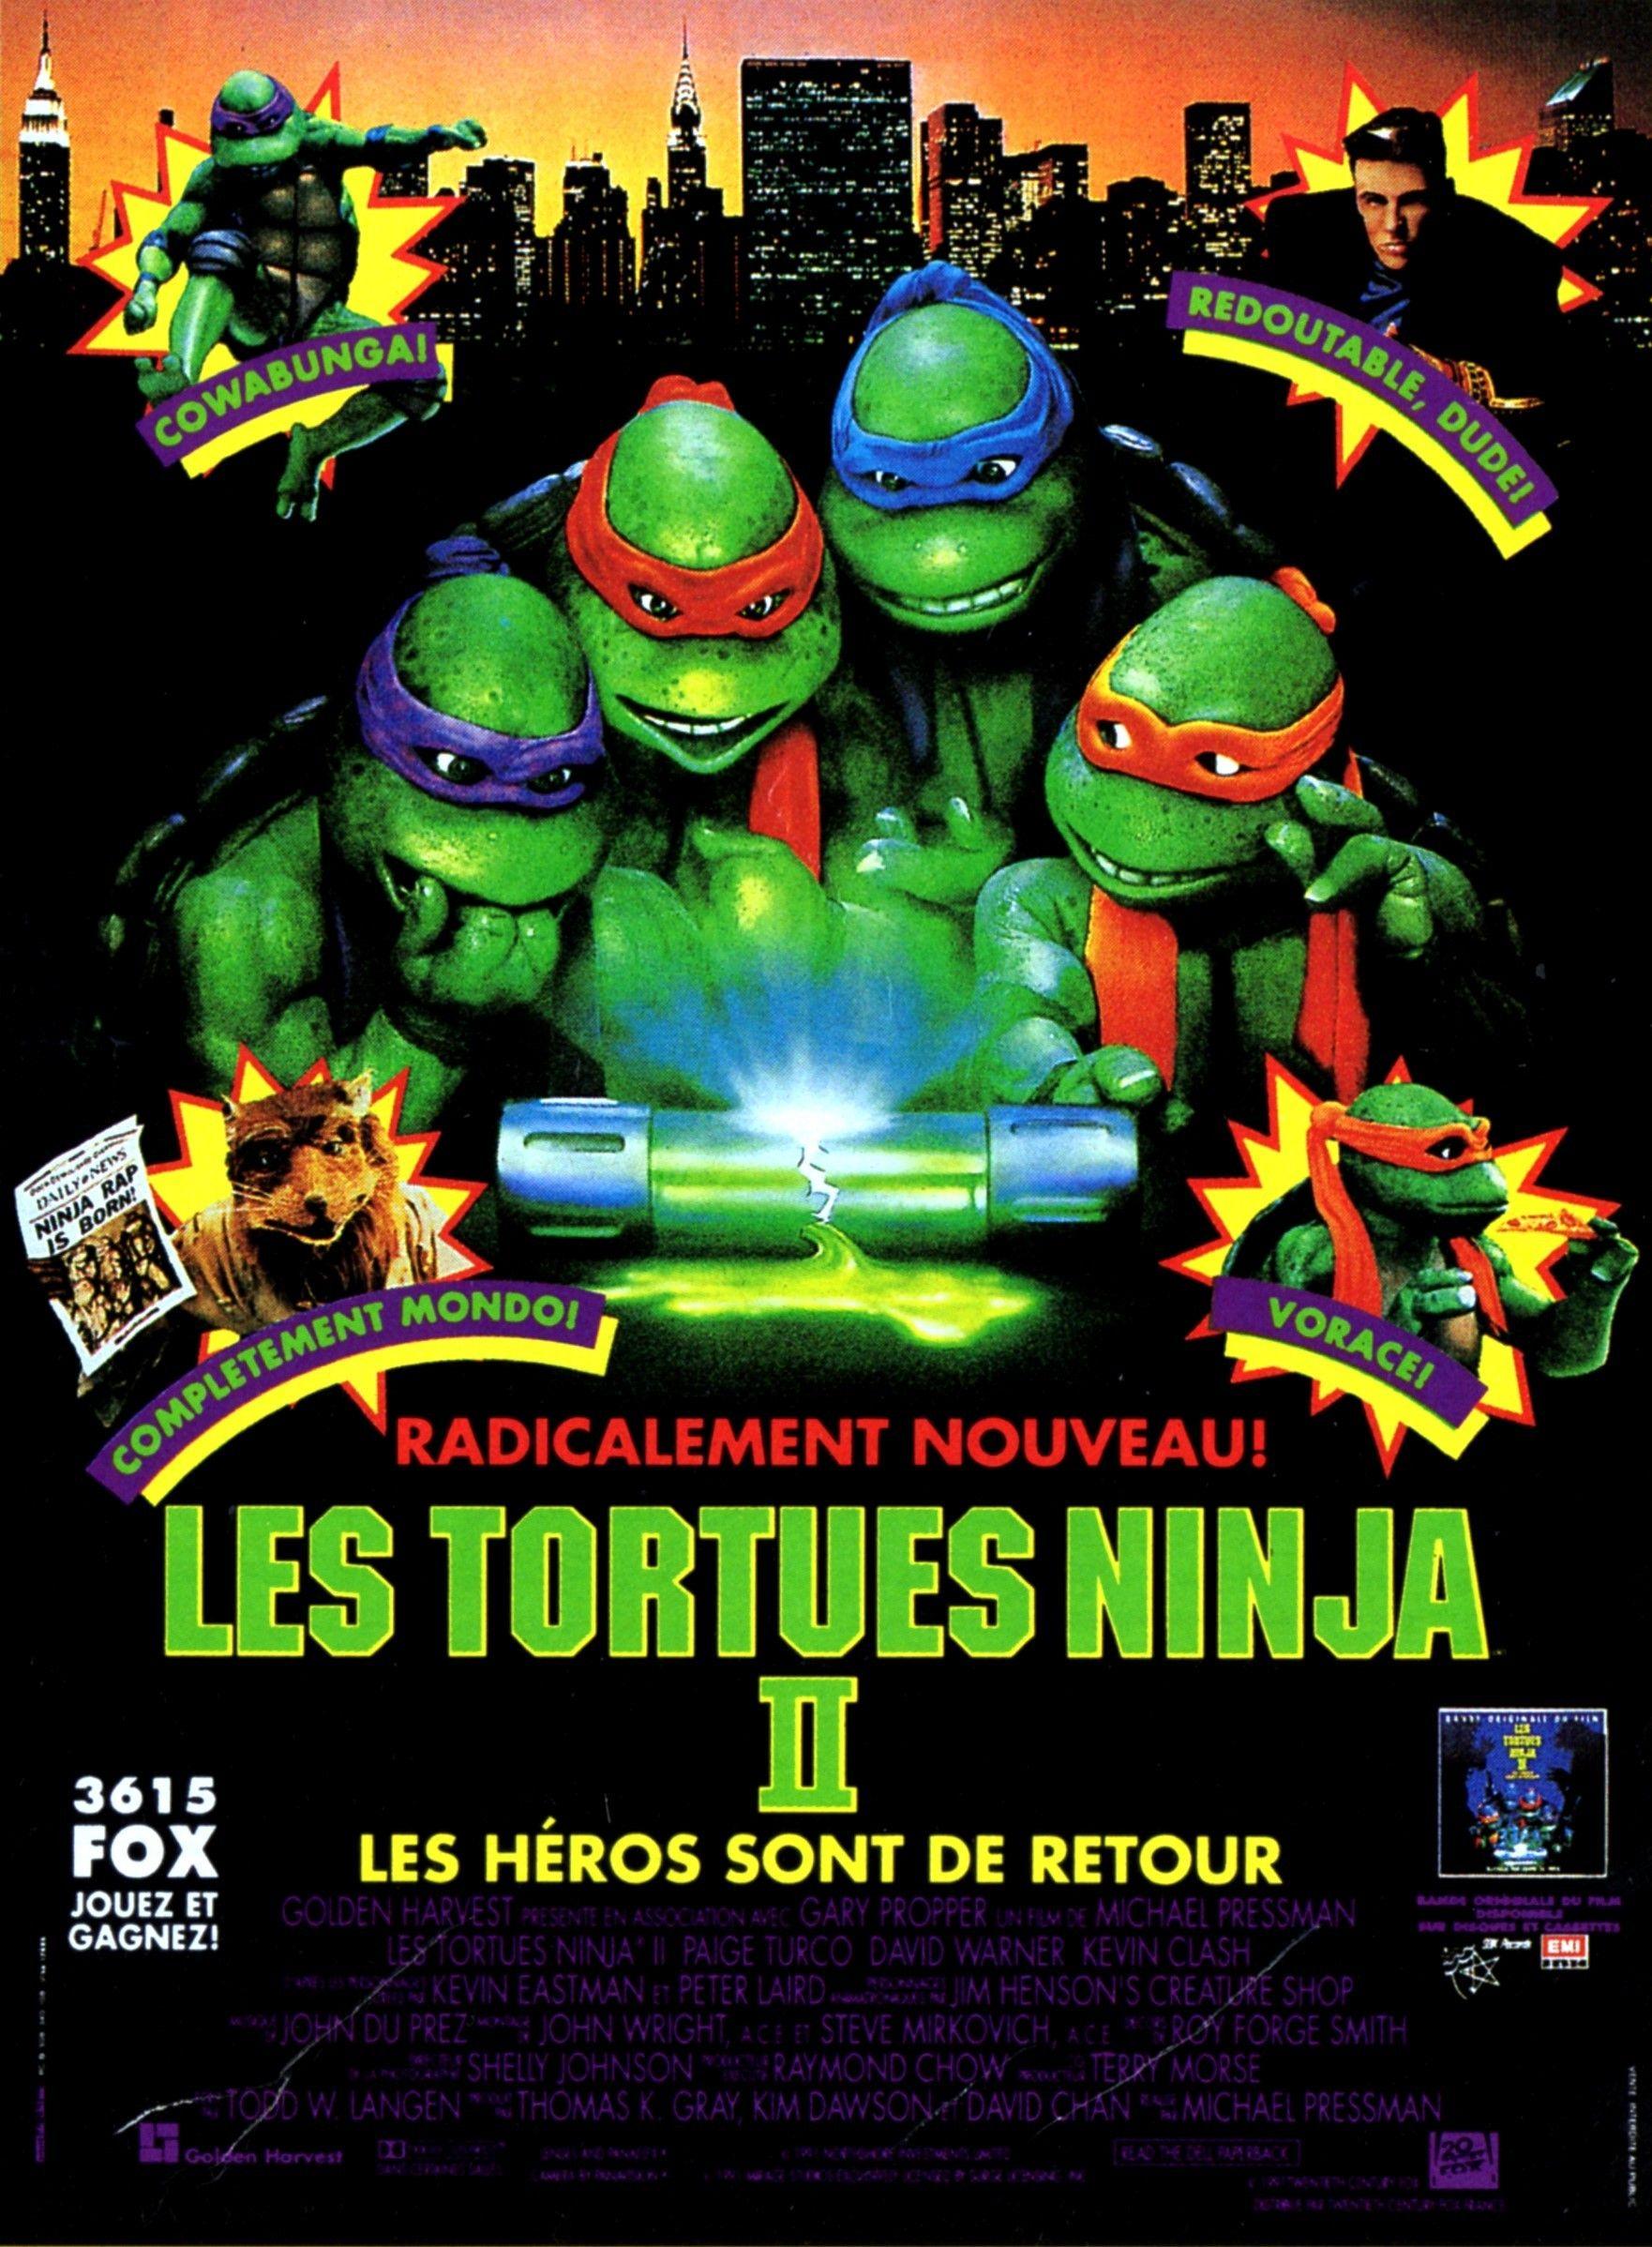 Les tortues ninja 2 les h ros sont de retour film 1991 - Le nom des tortue ninja ...